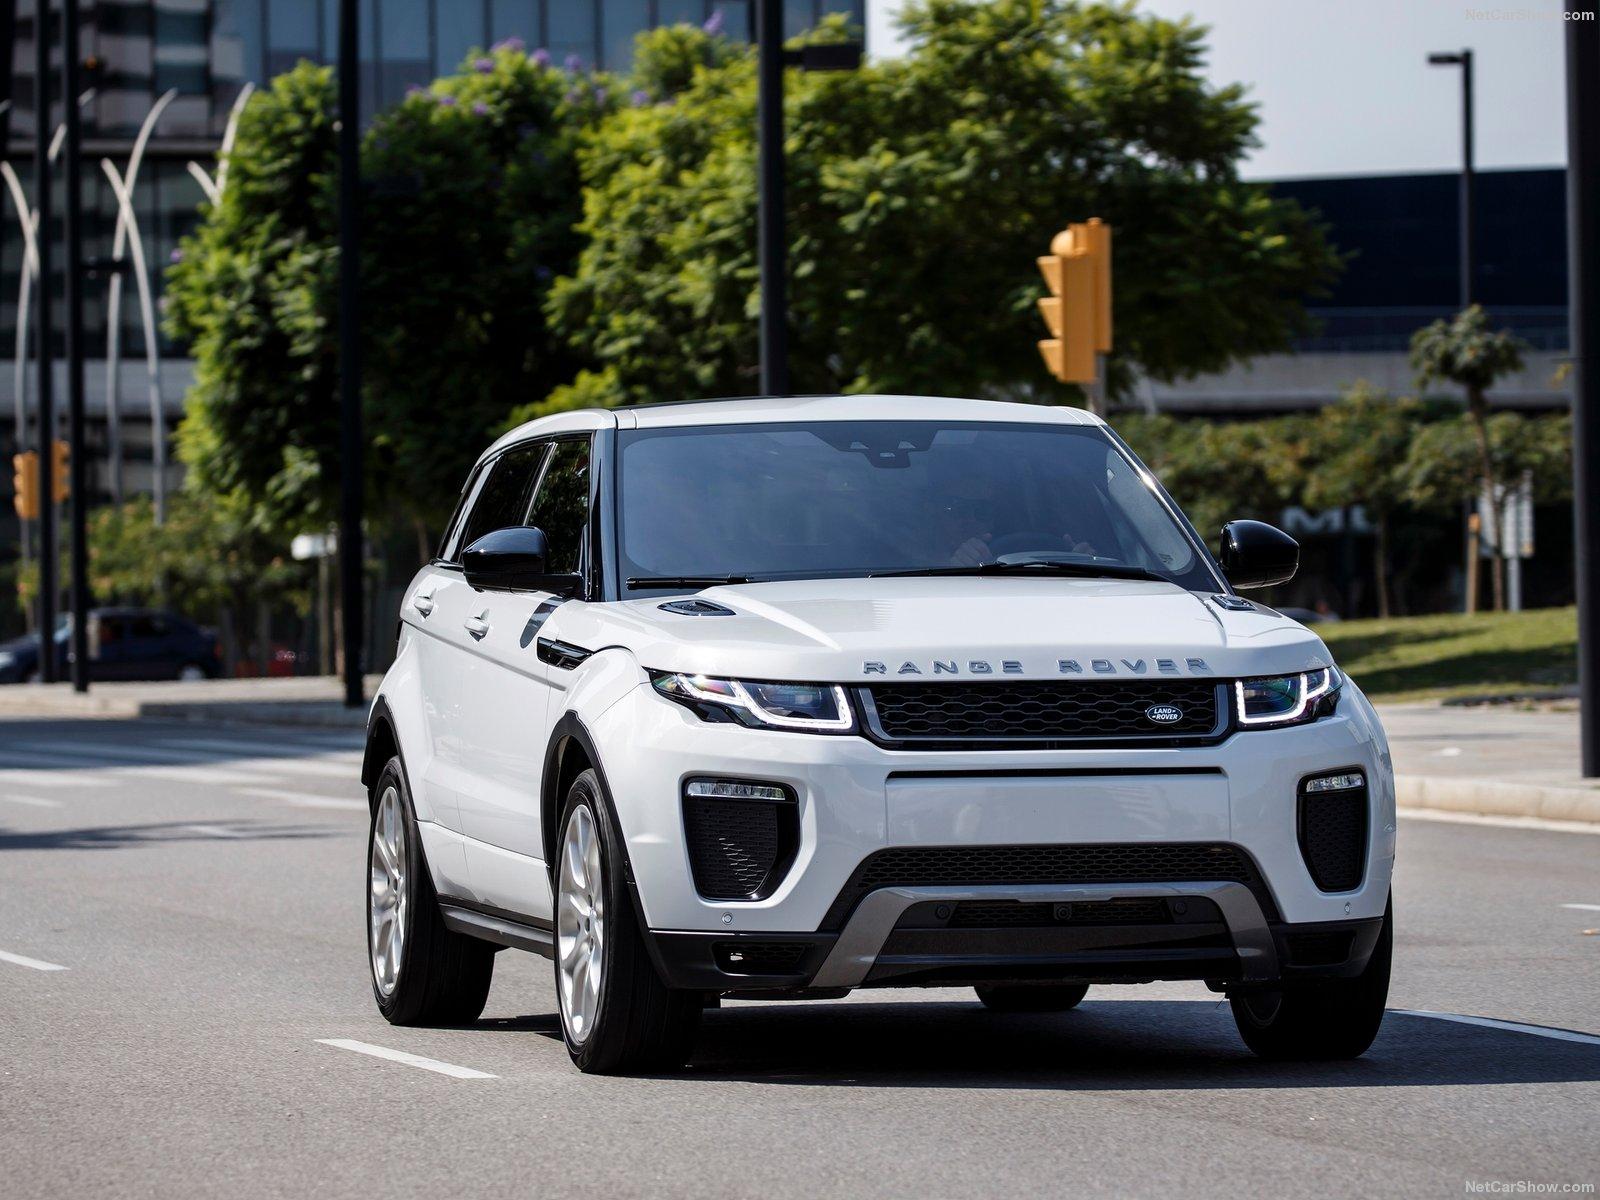 Hình ảnh xe ô tô Land Rover Range Rover Evoque 2016 & nội ngoại thất